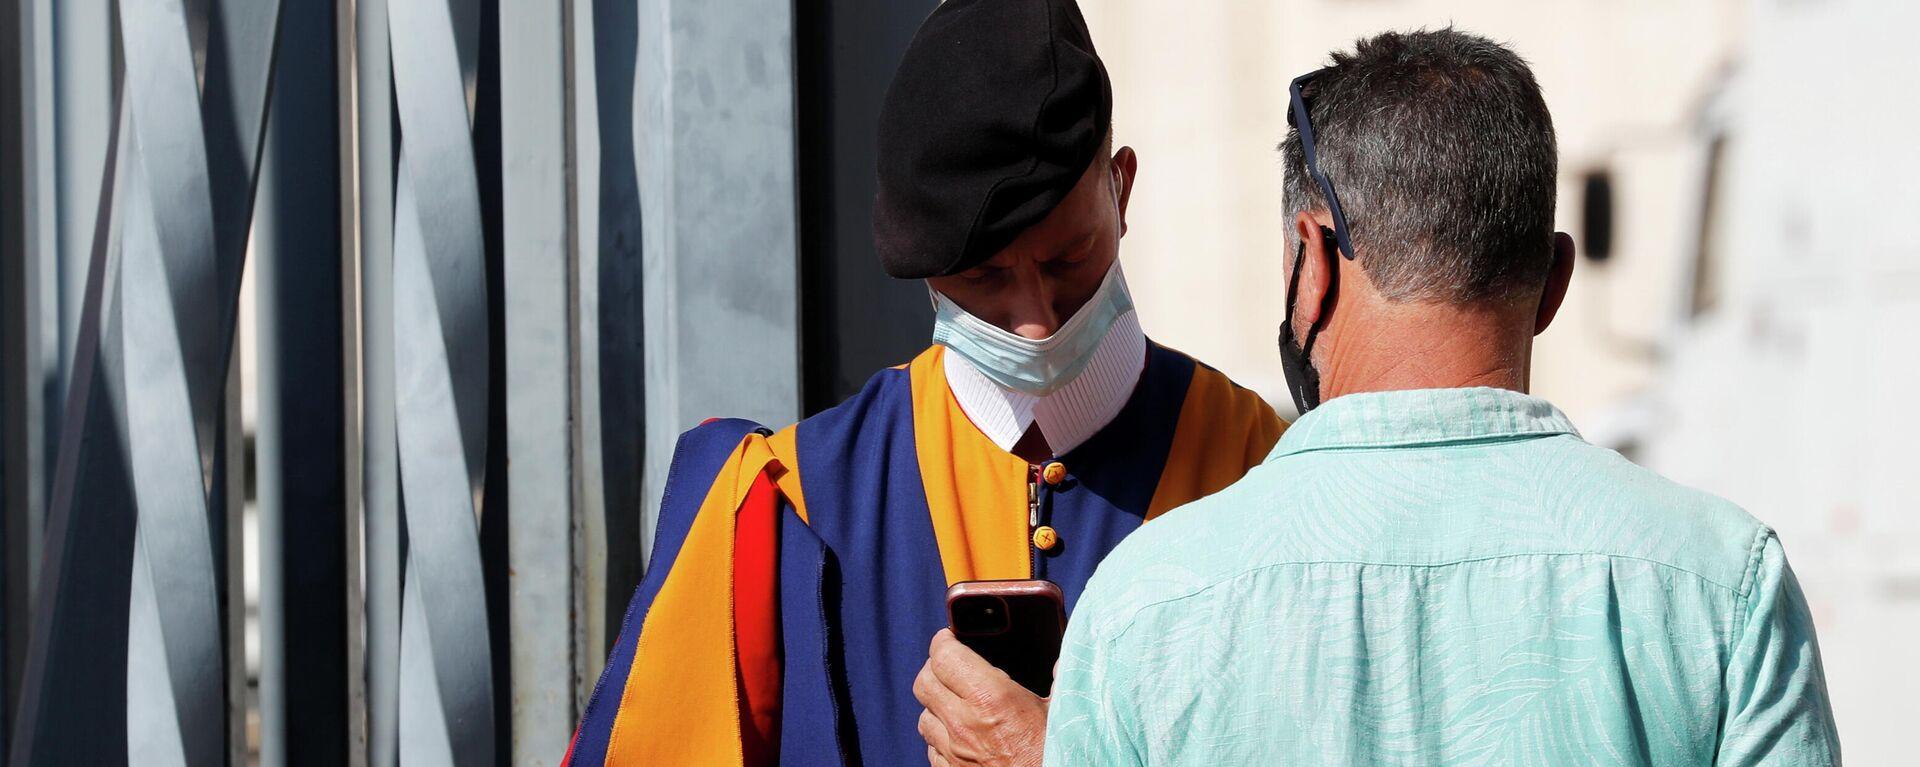 Un hombre muestra su pase sanitario en Vaticano - Sputnik Mundo, 1920, 01.10.2021